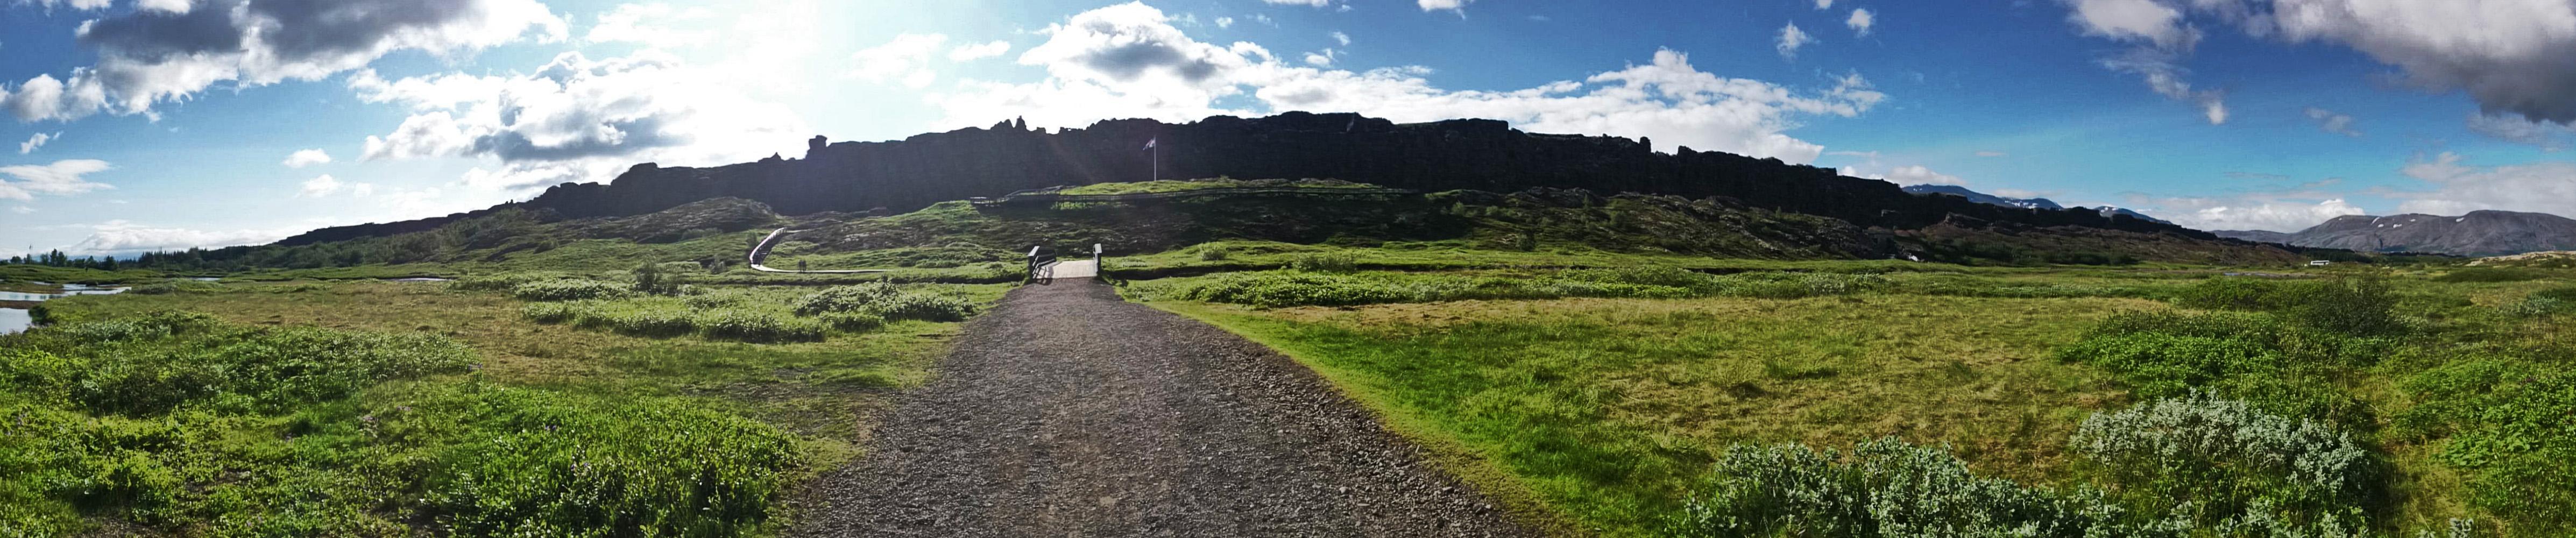 06. Þingvellir IV